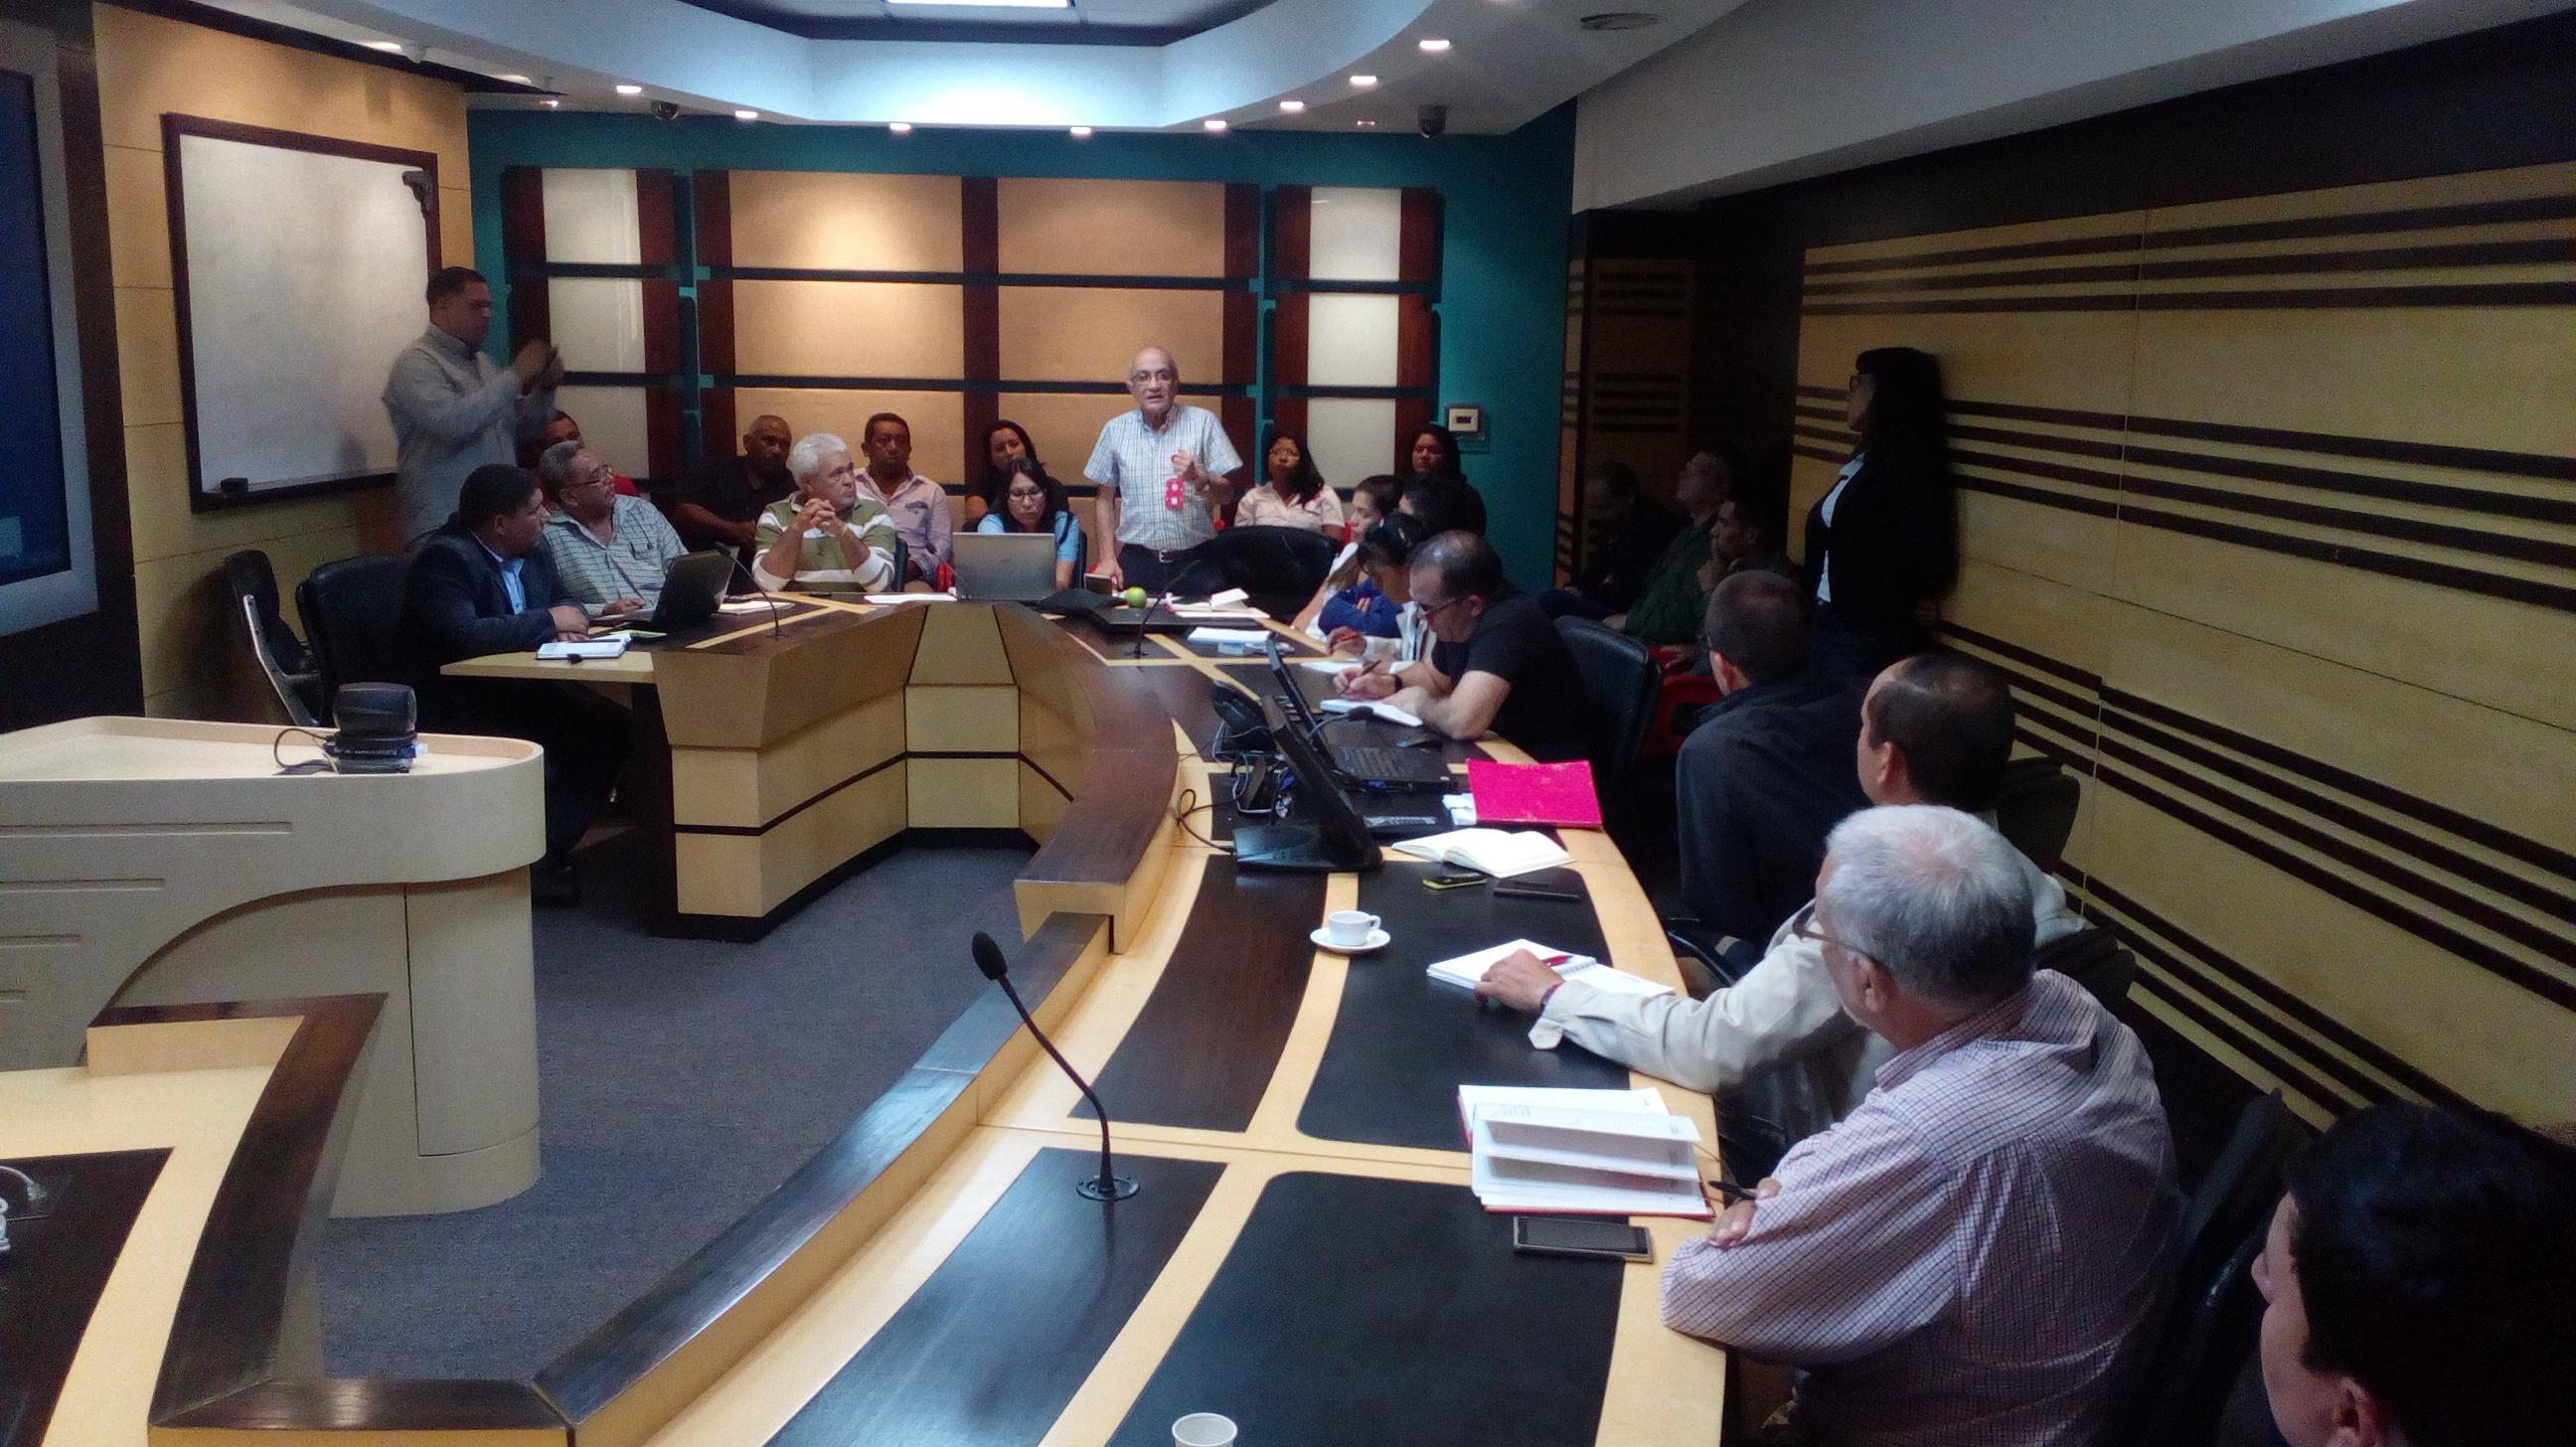 Los ministerios del Poder Popular para la ?Planificación, Ecosocialismo y Aguas,? y Desarrollo Minero Ecológico conformaron junto al Consejo Popular Minero un equipo multidisciplinario